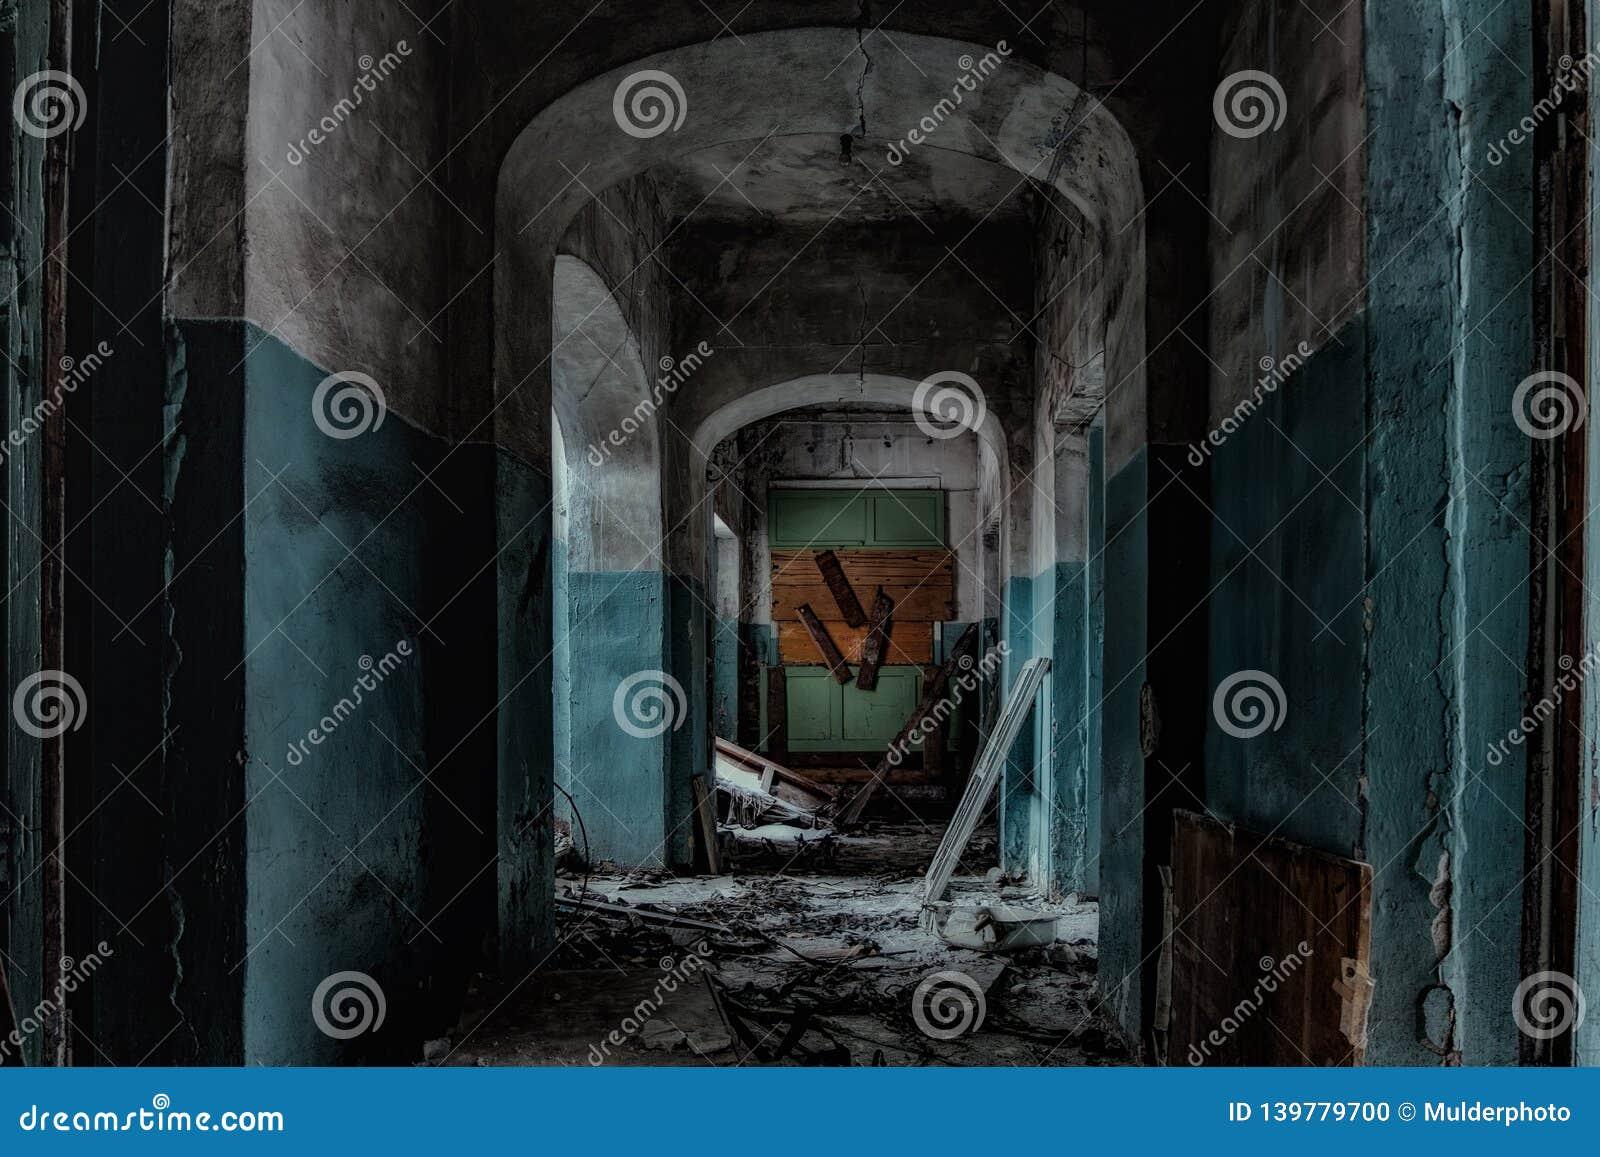 Σκοτεινός και ανατριχιαστικός διάδρομος του παλαιού εγκαταλειμμένου νοσοκομείου